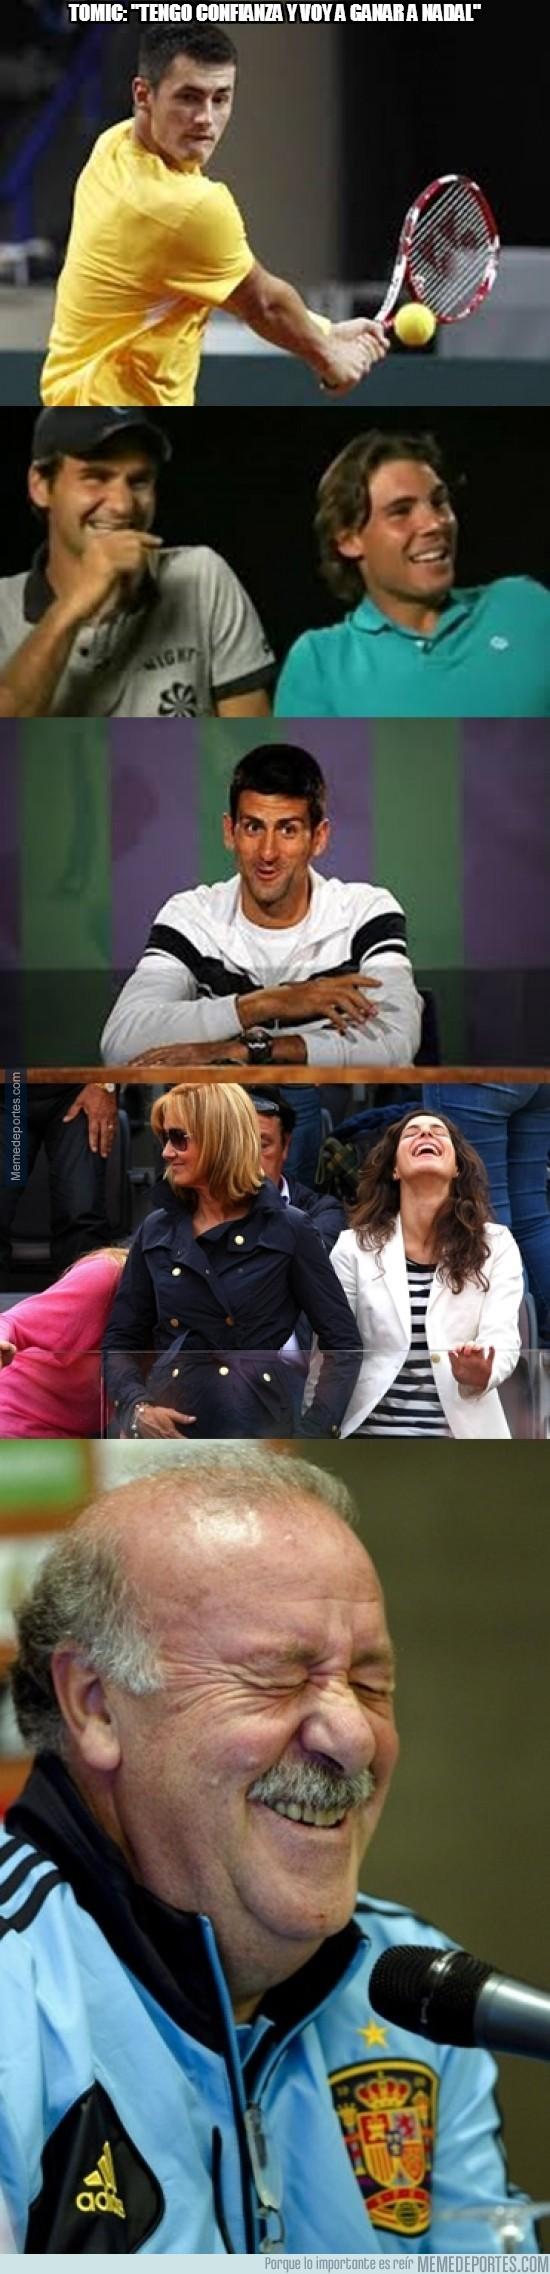 244861 - Tomic: ''tengo confianza y voy a ganar a Nadal''